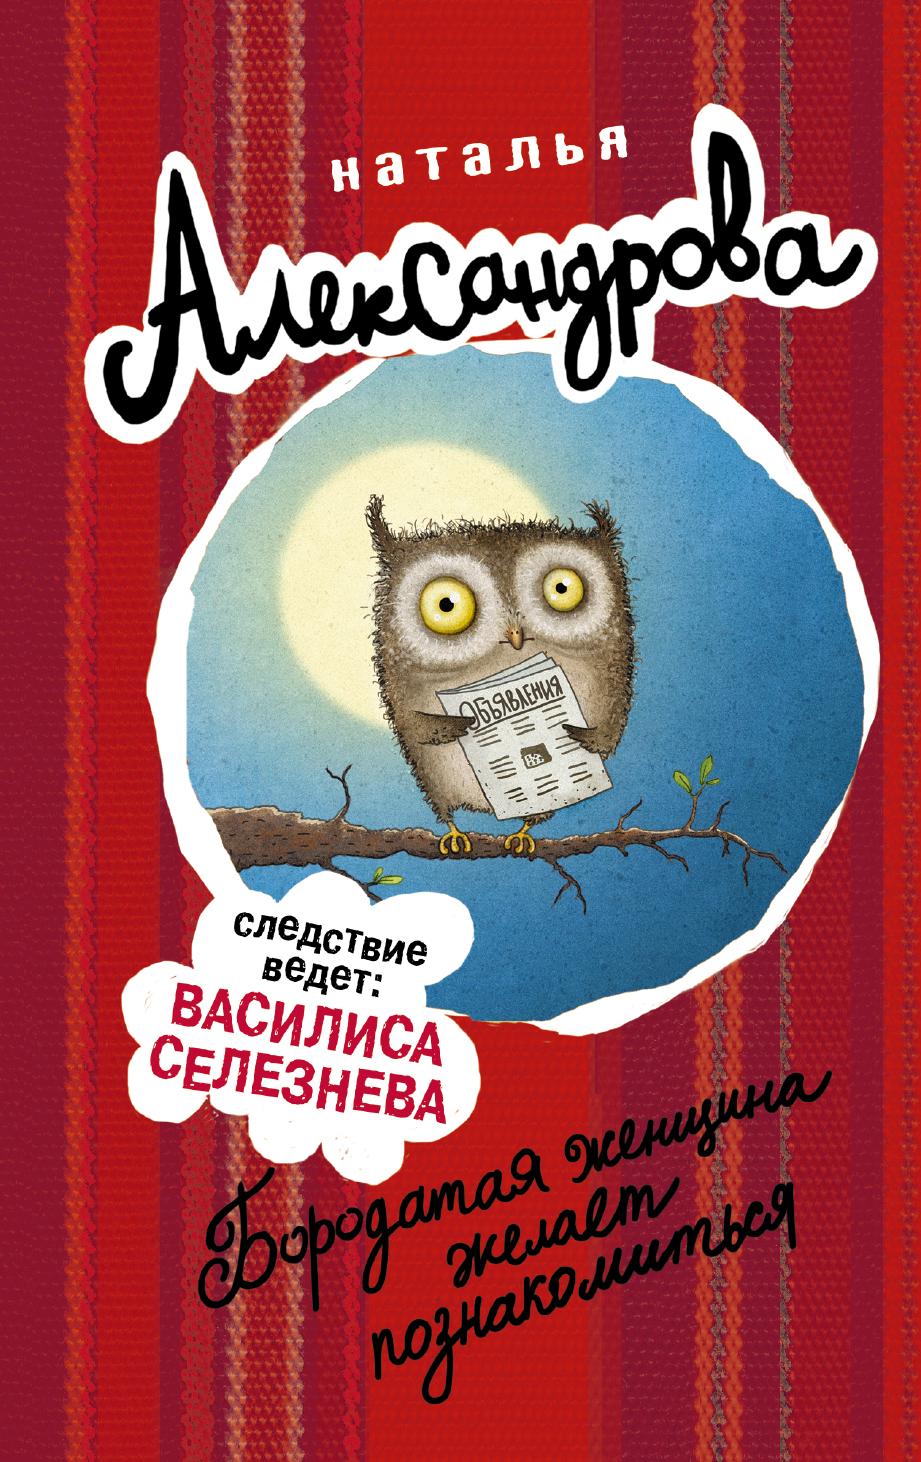 Александрова Наталья Бородатая женщина желает познакомиться vможно квартиру без согасия мужа